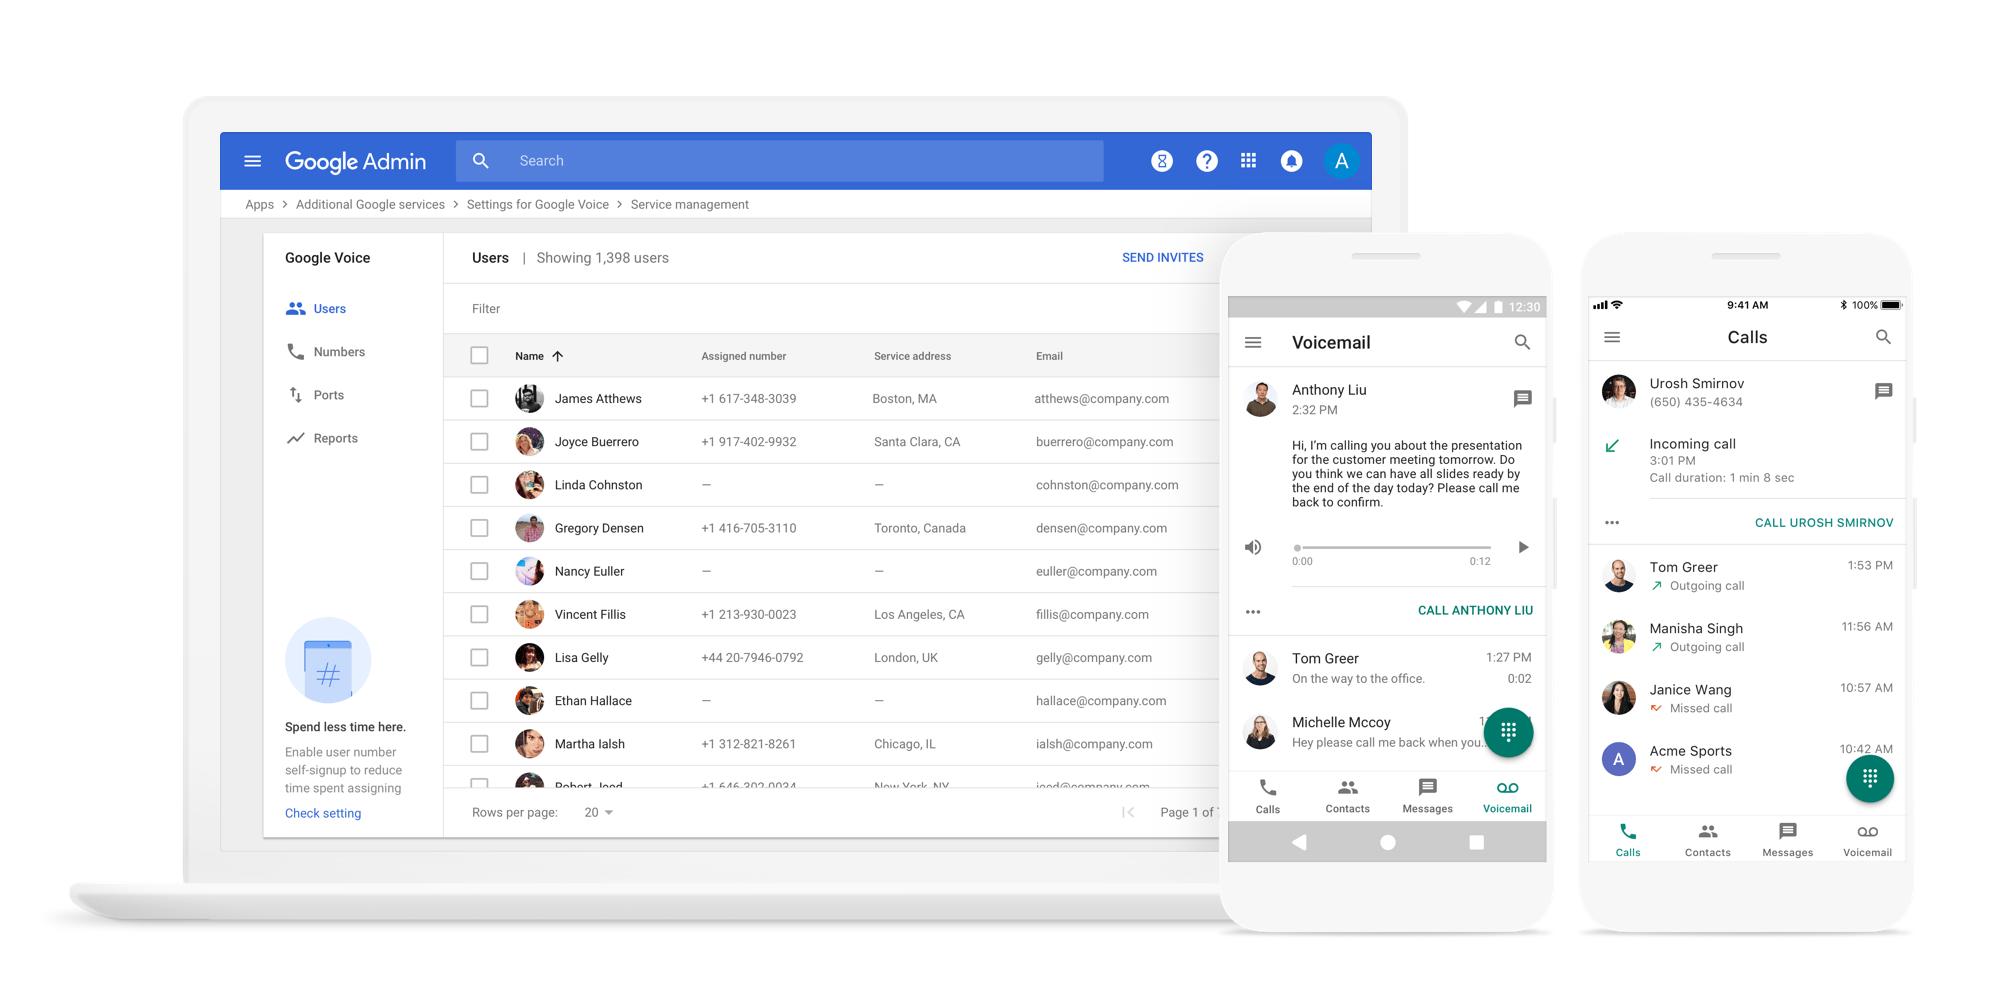 google voice images